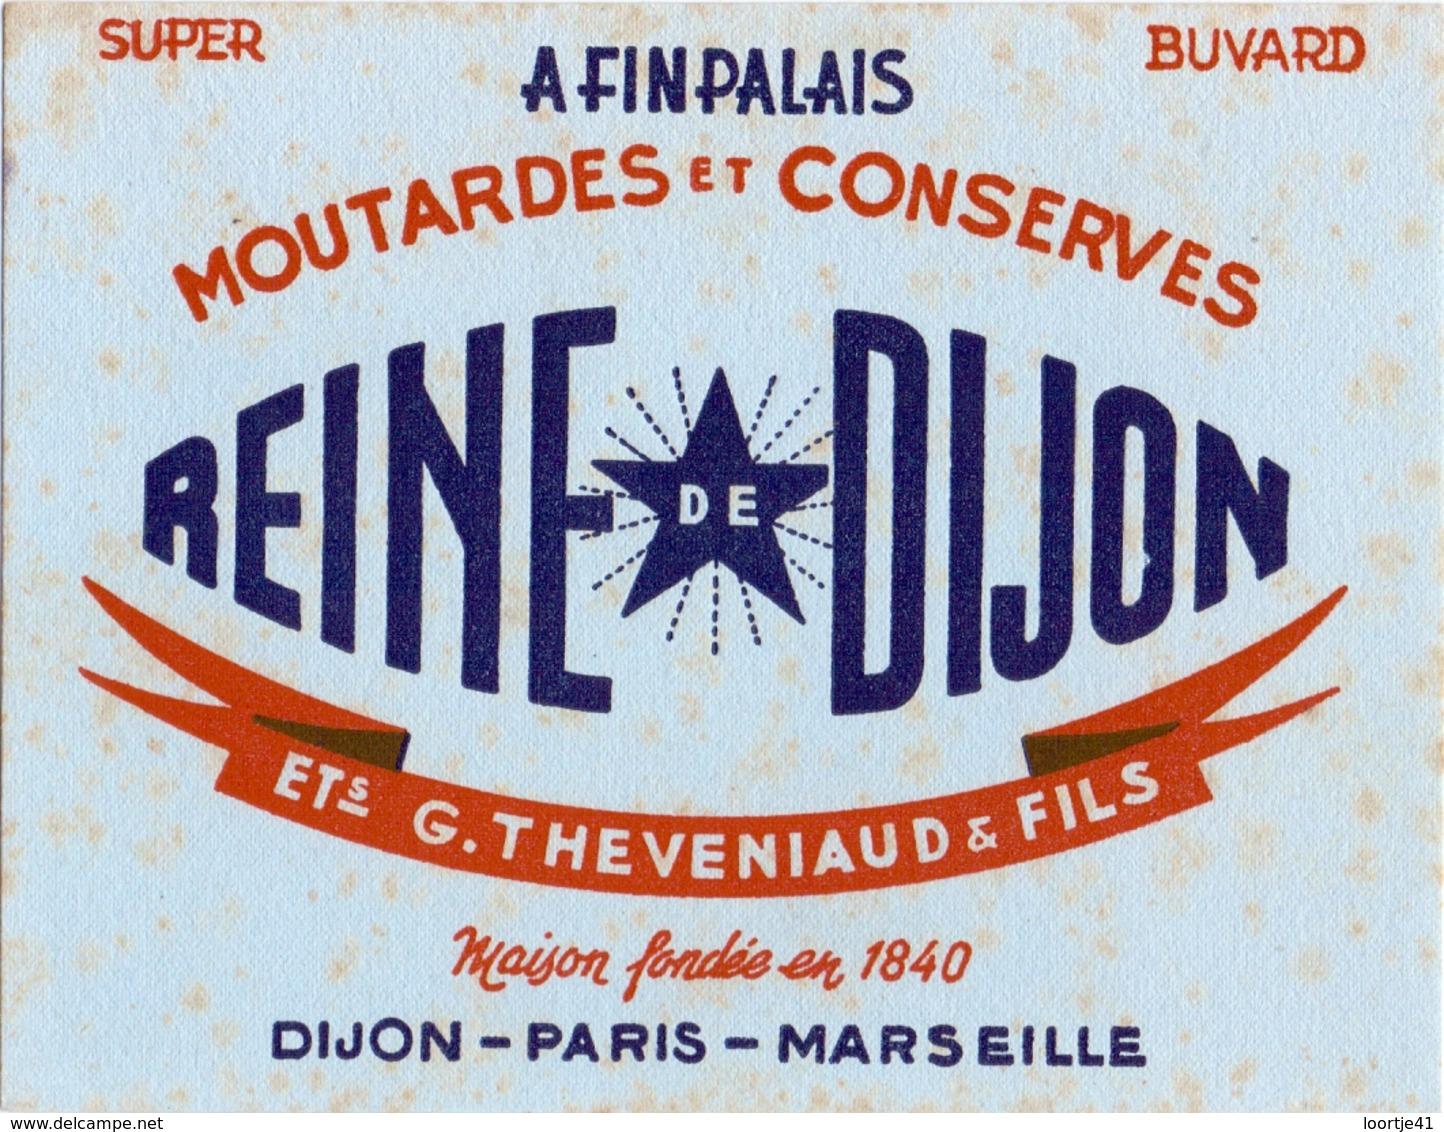 Vloeipapier Buvard - Moutarde Mosterd - Reine De Dijon - Ets G. Theveniaud & Fils - Moutardes